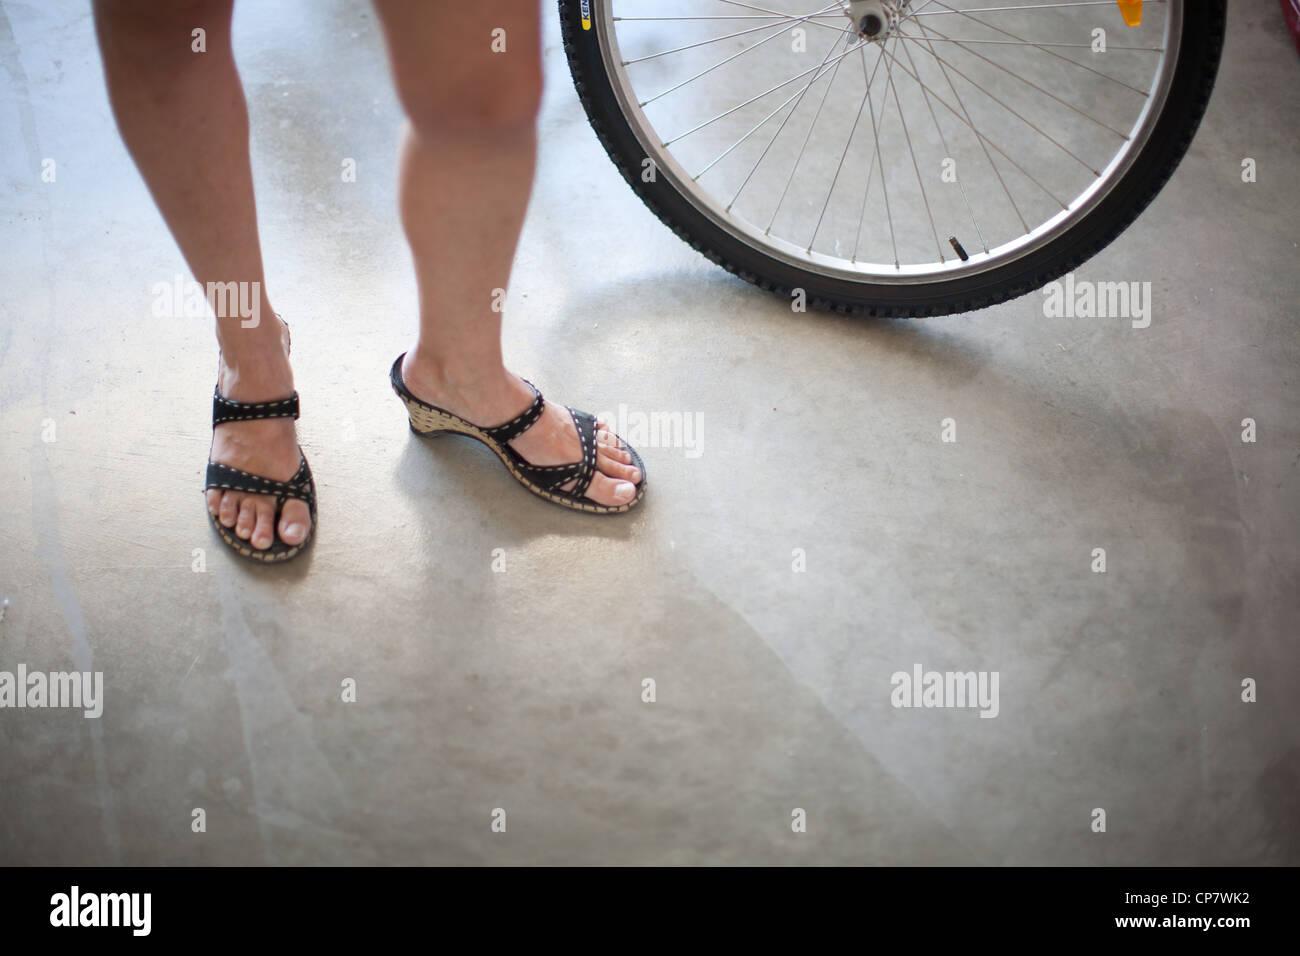 D'un Femme Debout Banque Sandales Portaient Vélo Côté Des À Pneu De wZiOukXTP